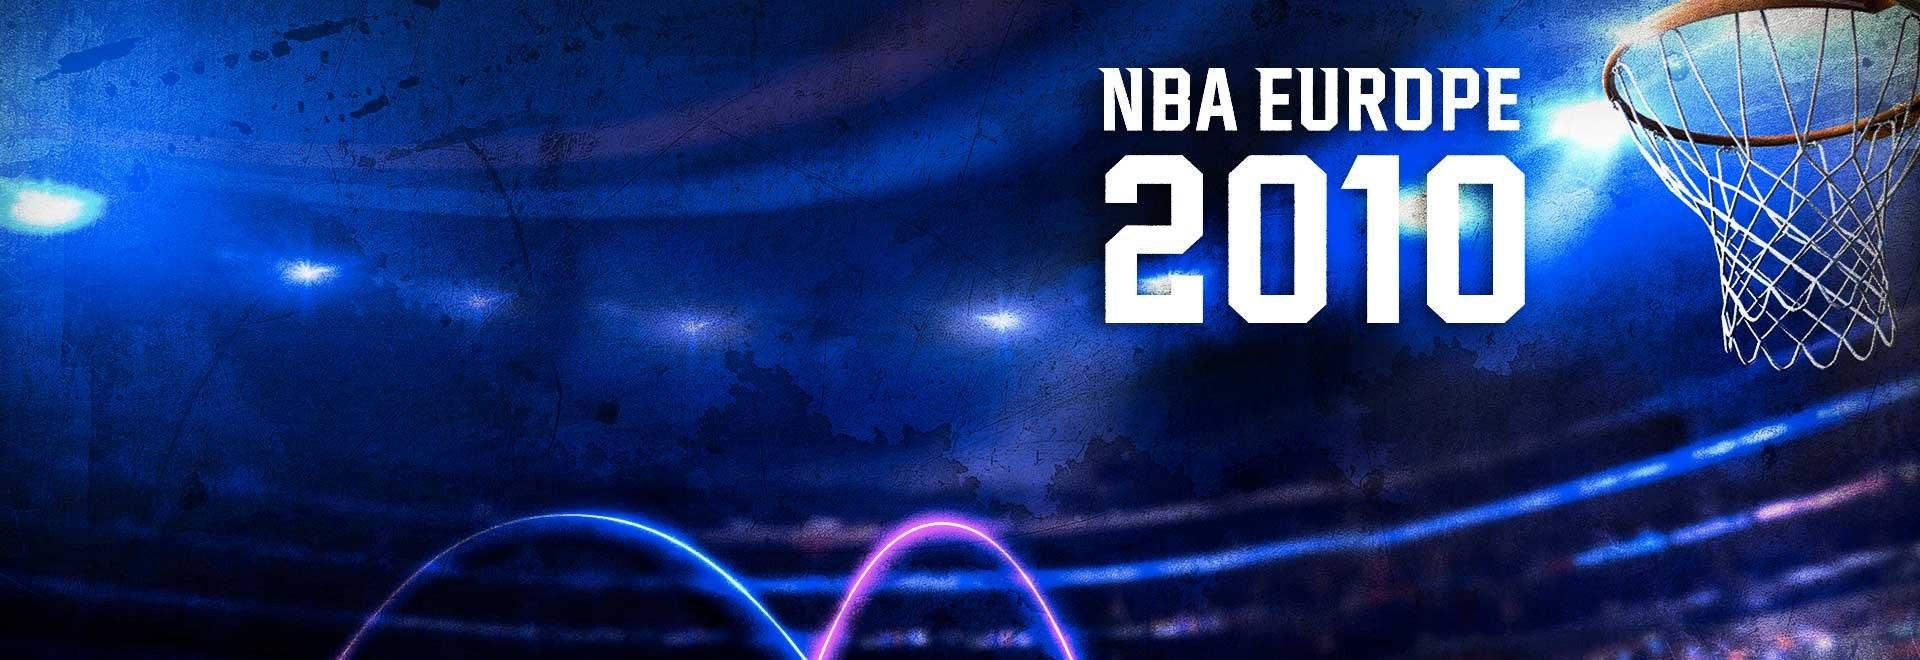 NBA Europe 2010